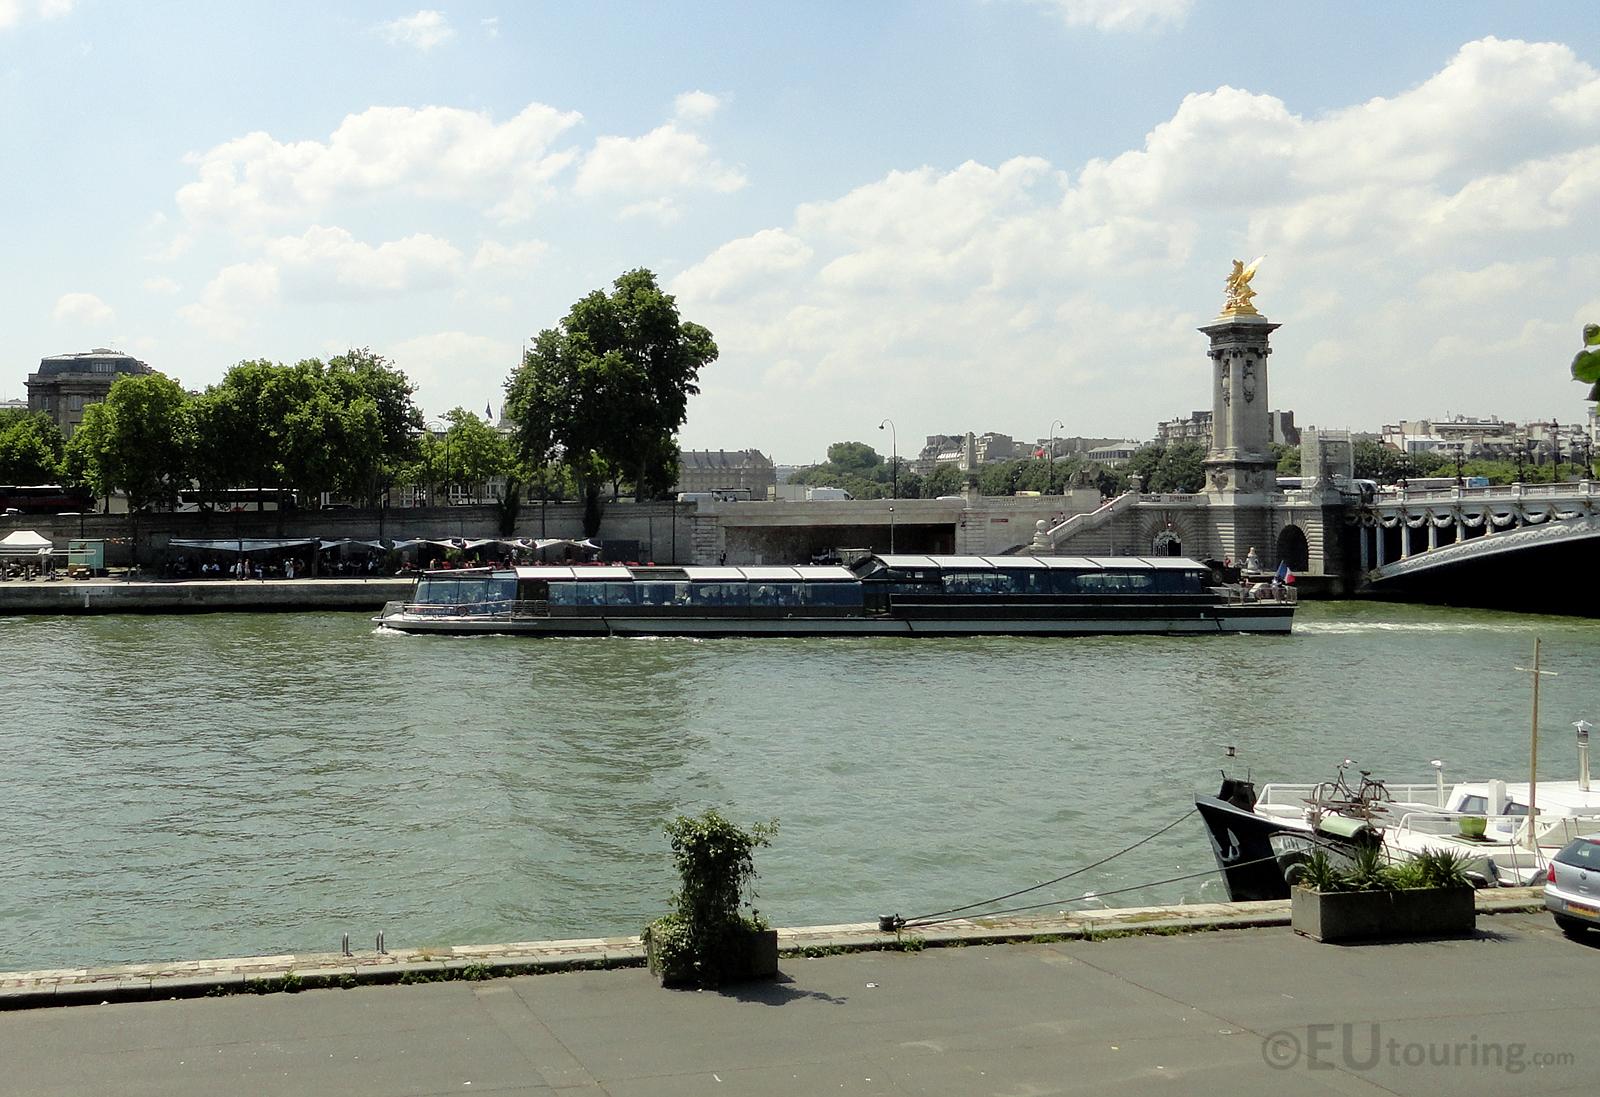 Bateaux Parisiens going under the Pont Alexandre III